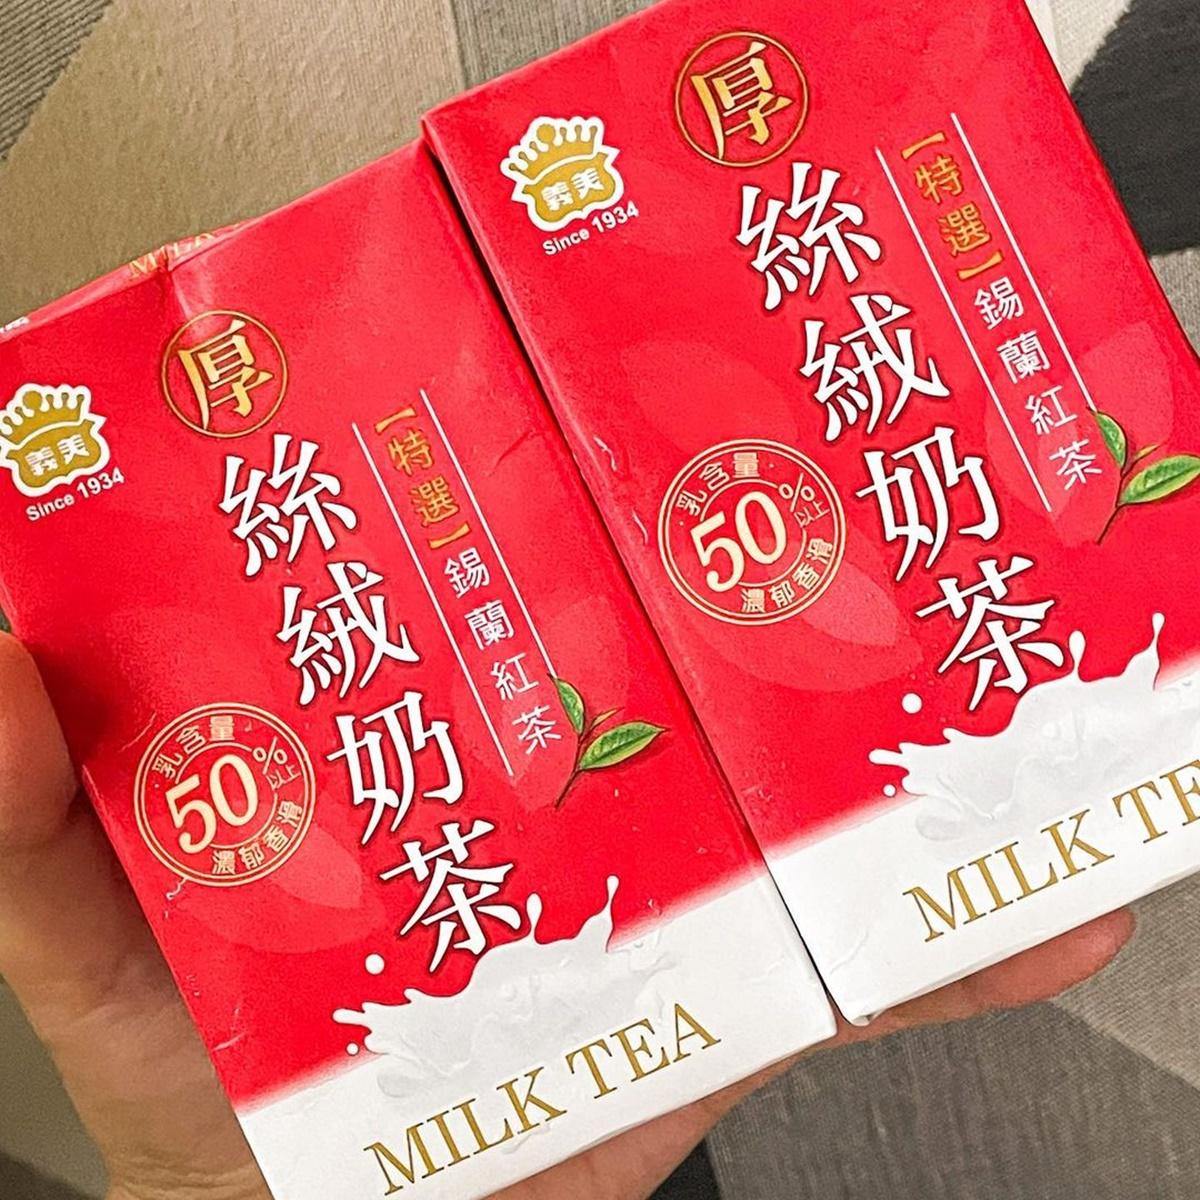 義美「厚奶茶」2.0!好市多「厚絲絨奶茶」1罐只要11元,濃厚奶香、甘醇茶韻太犯規